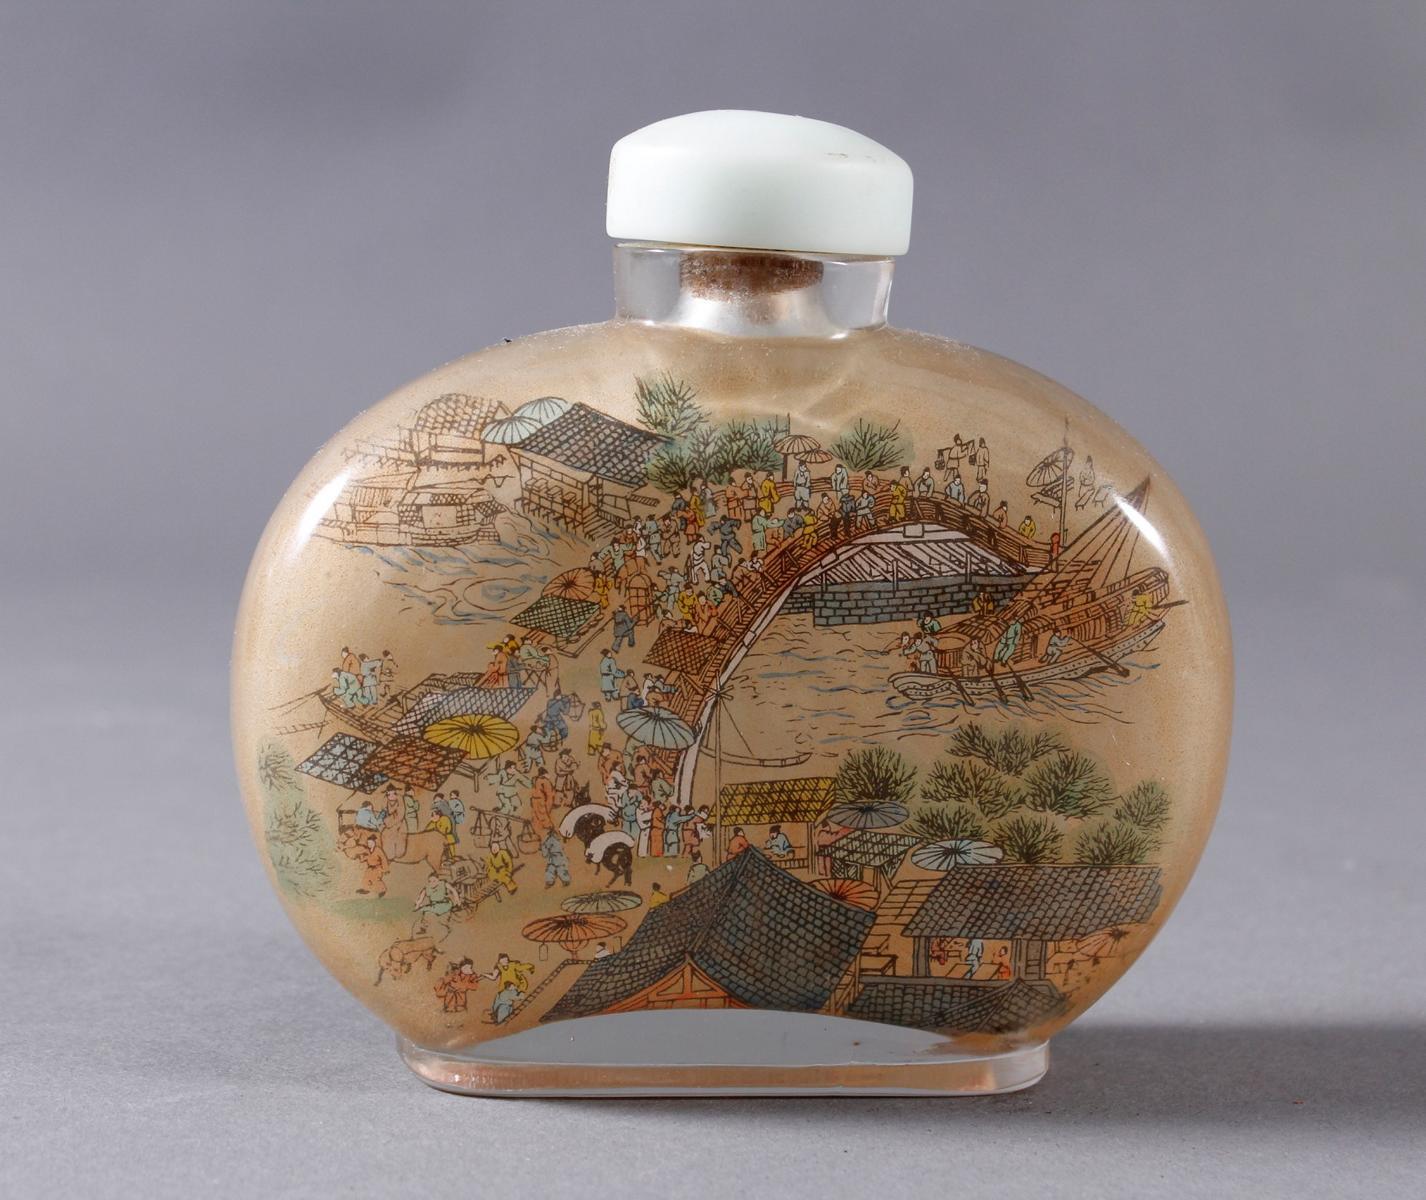 Große Glas Snuffbottle, 1. Hälfte 20. Jahrhundert-2